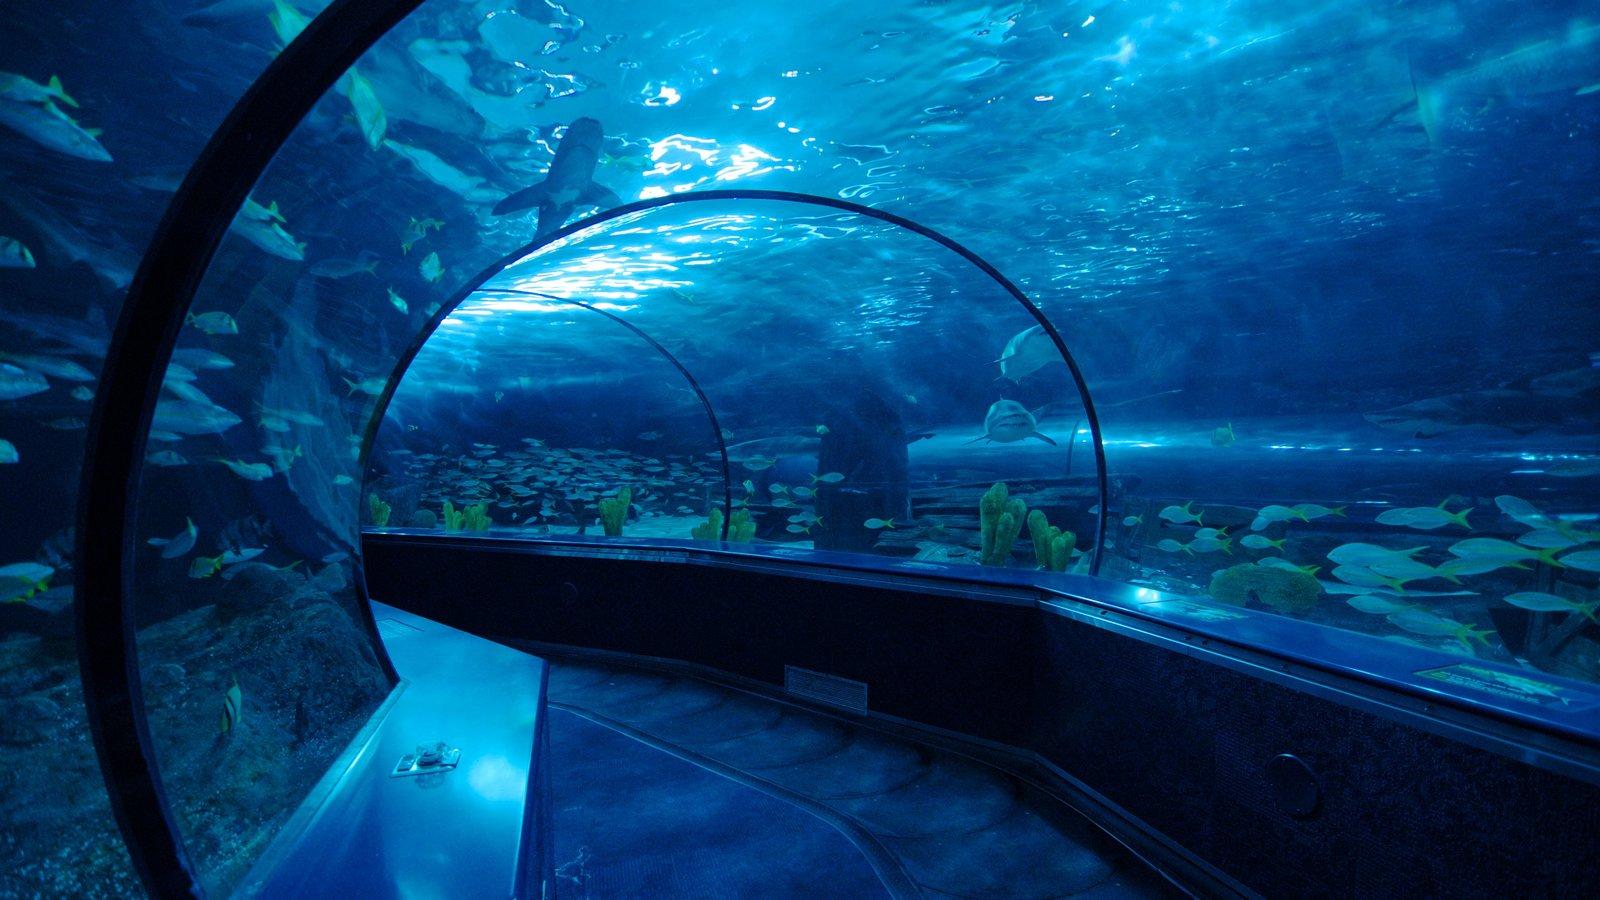 Ripley\'s Aquarium que inclui vida marinha e vistas internas